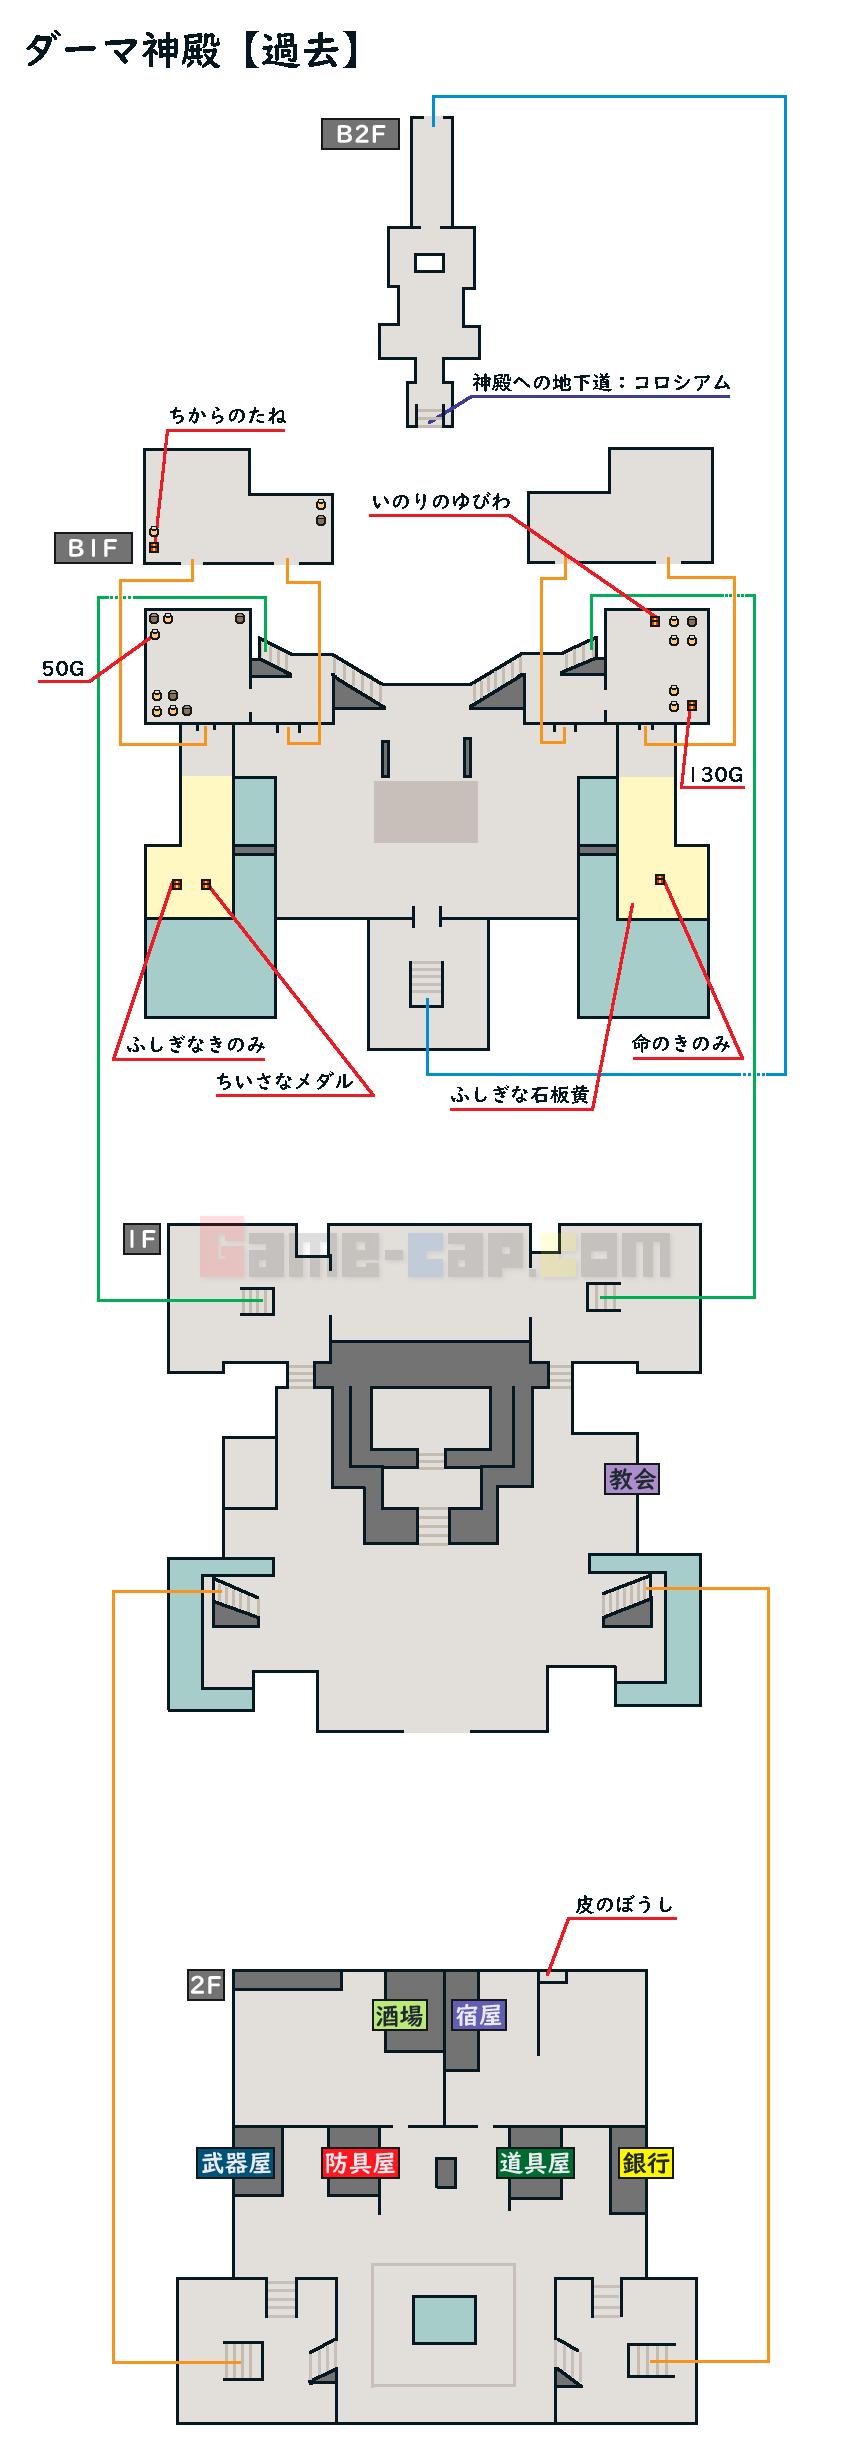 7 神殿 ドラクエ ダーマ